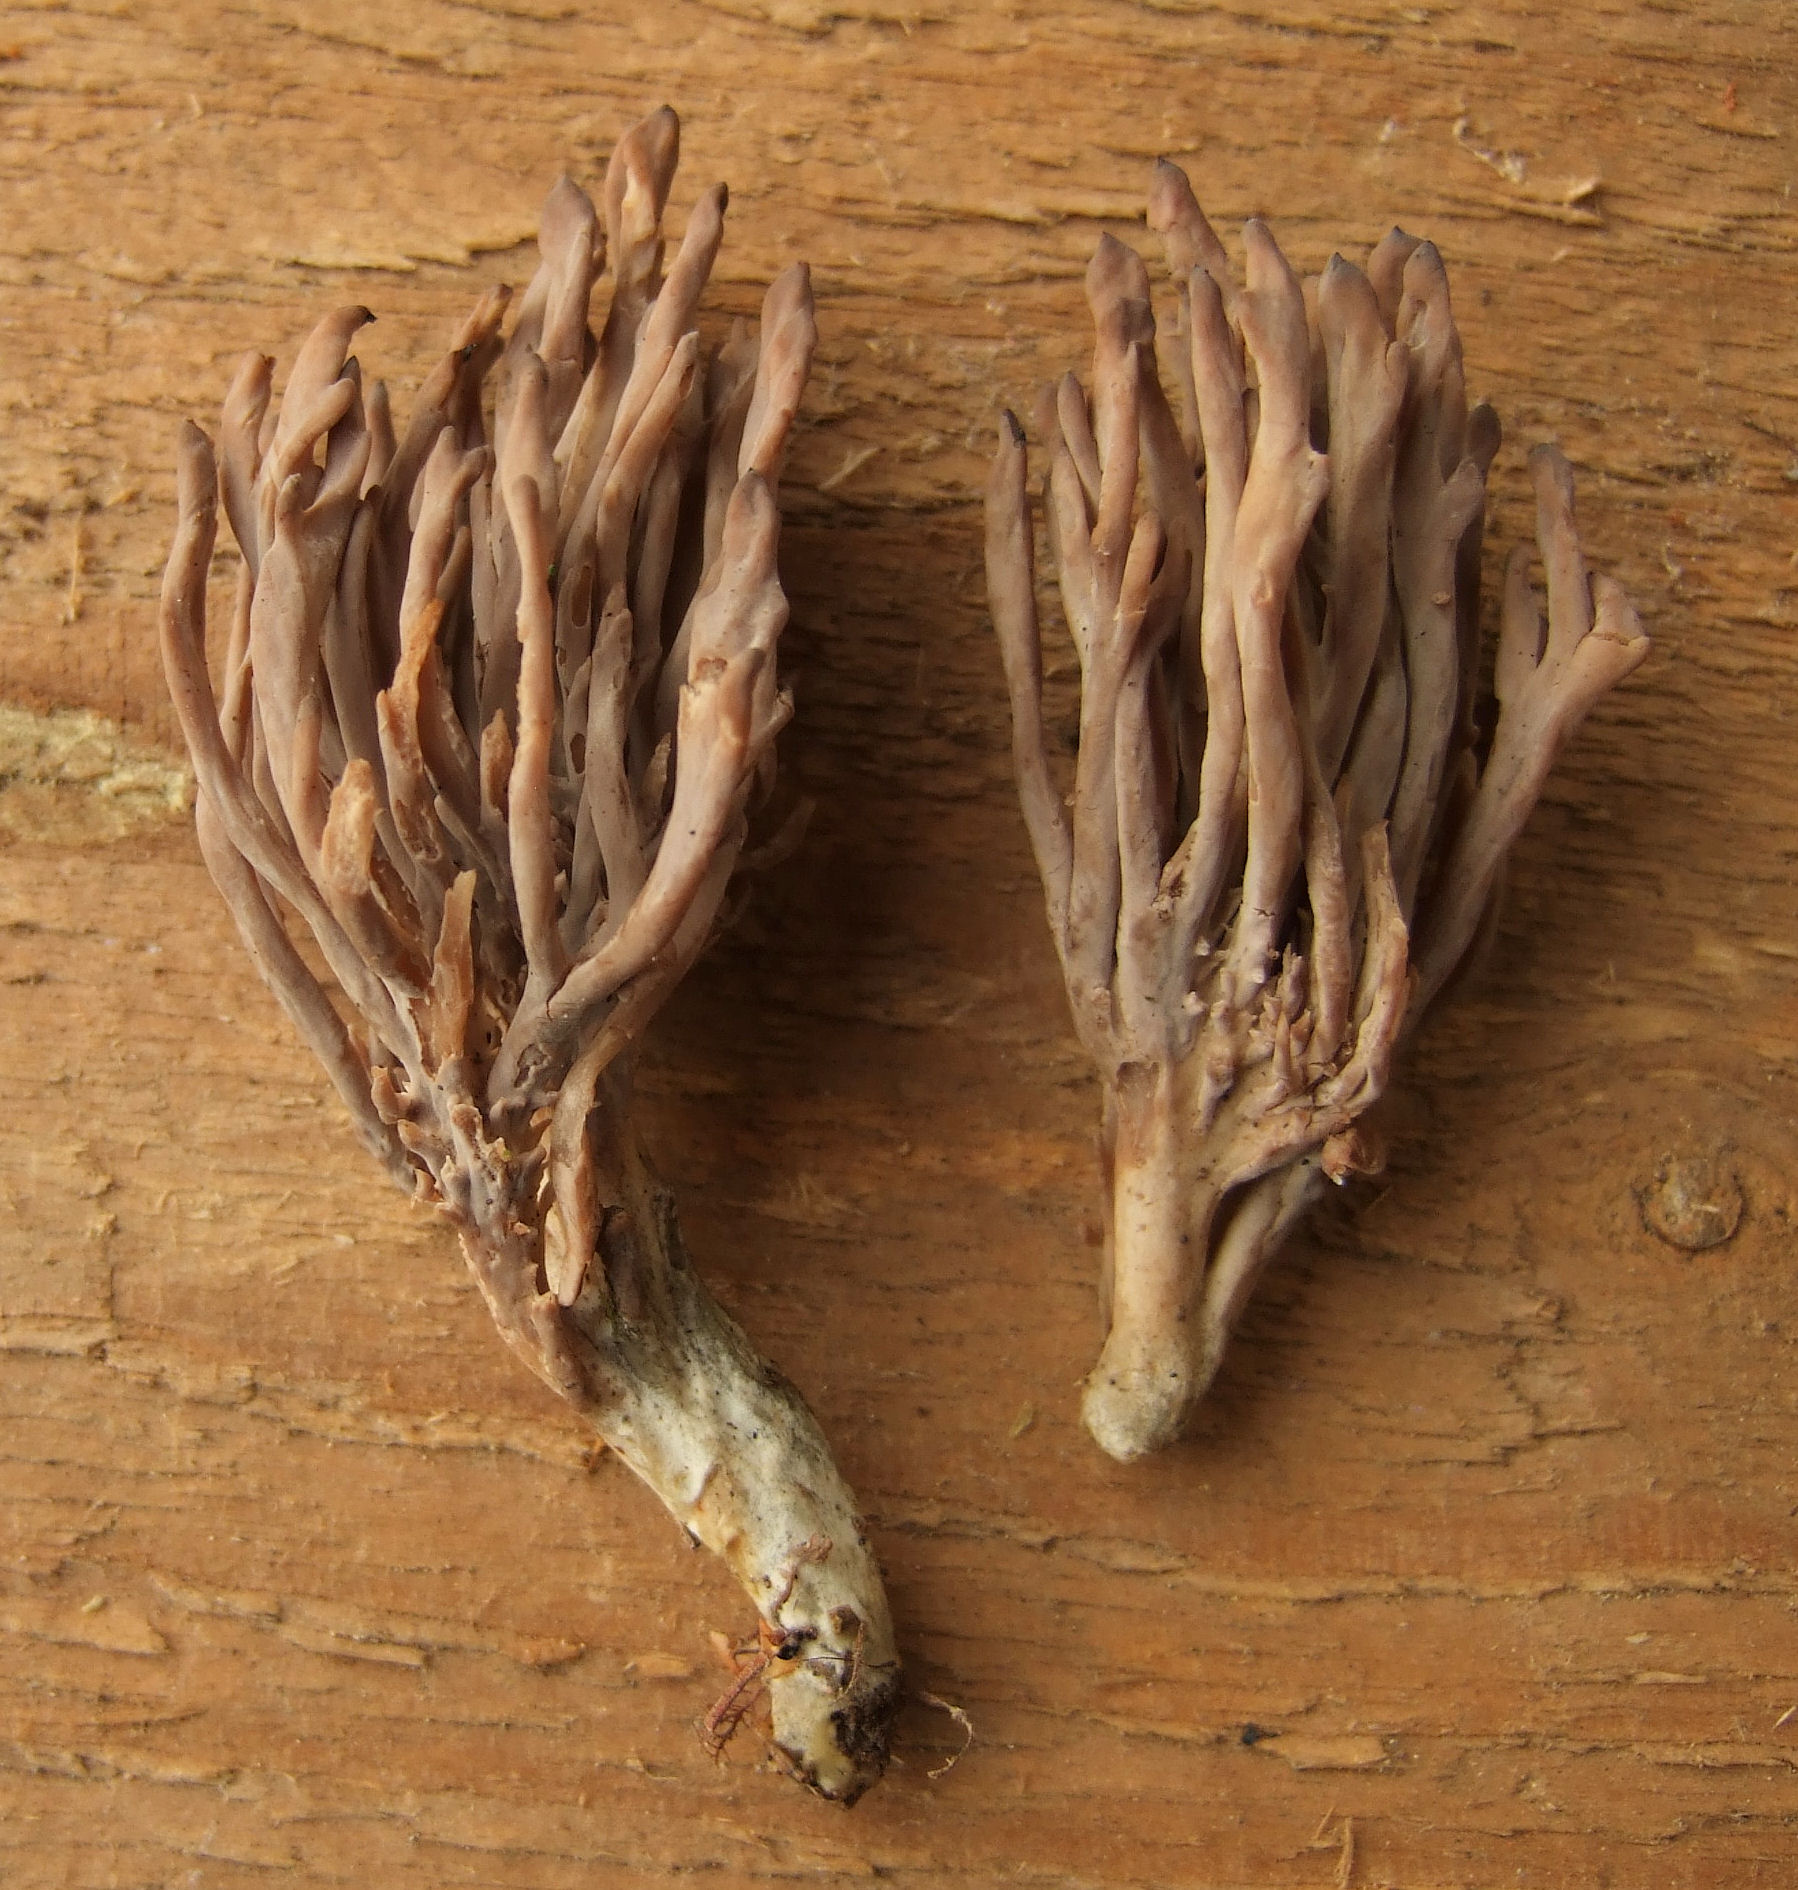 Clavulinopsis umbrinella